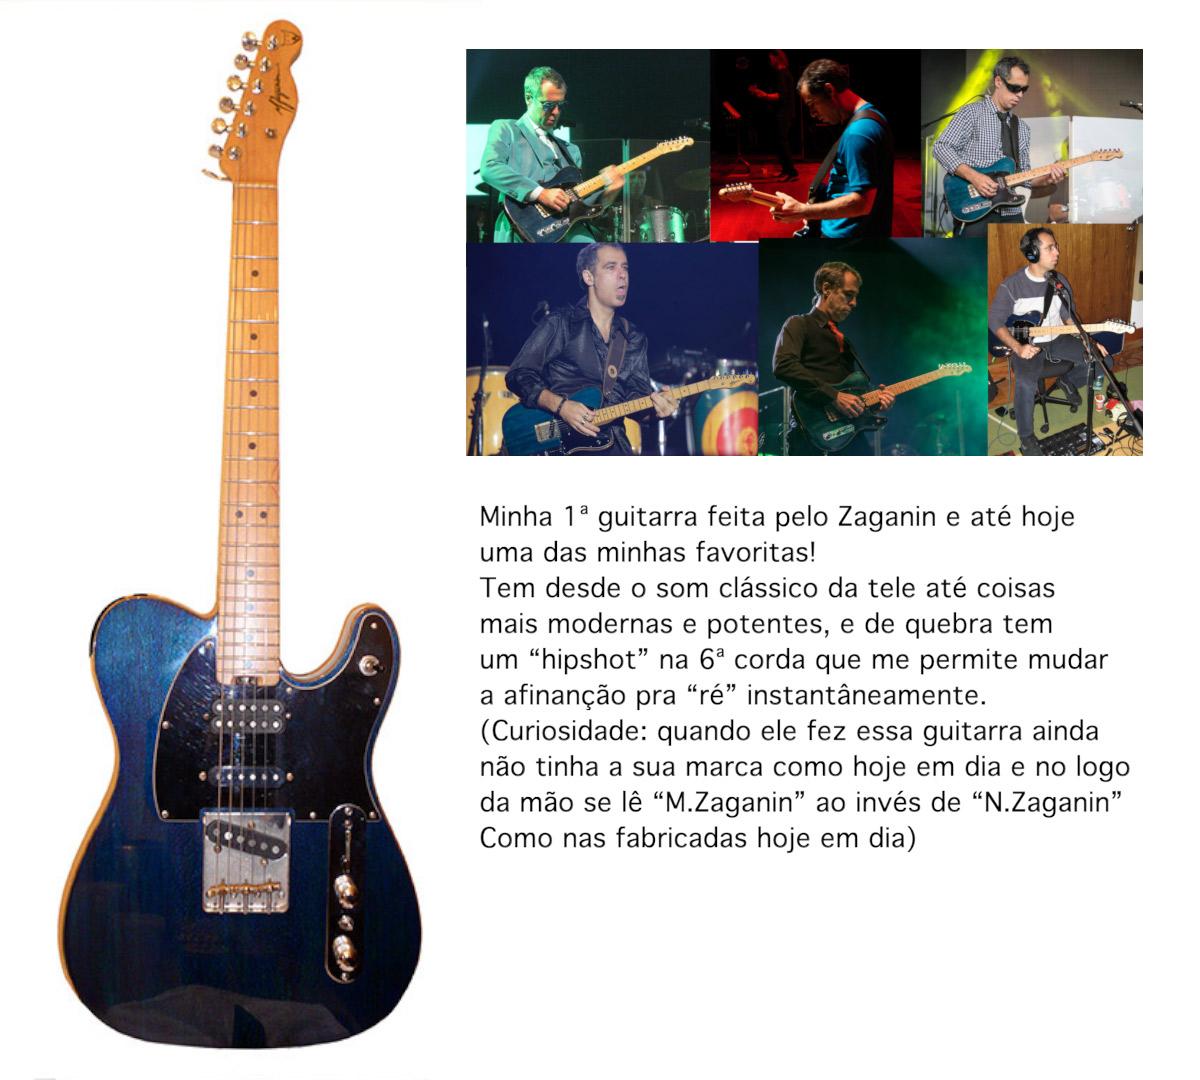 """Minha 1ª guitarra feita pelo Zaganin e até hoje uma das minhas favoritas! Tem desde o som clássico da tele até coisas mais modernas e potentes, e de quebra tem um """"hipshot"""" na 6ª corda que me permite mudar a afinanção pra """"ré"""" instantâneamente. (Curiosidade: quando ele fez essa guitarra ainda não tinha a sua marca como hoje em dia e no logo da mão se lê """"M.Zaganin"""" ao invés de """"N.Zaganin"""" Como nas fabricadas hoje em dia)"""